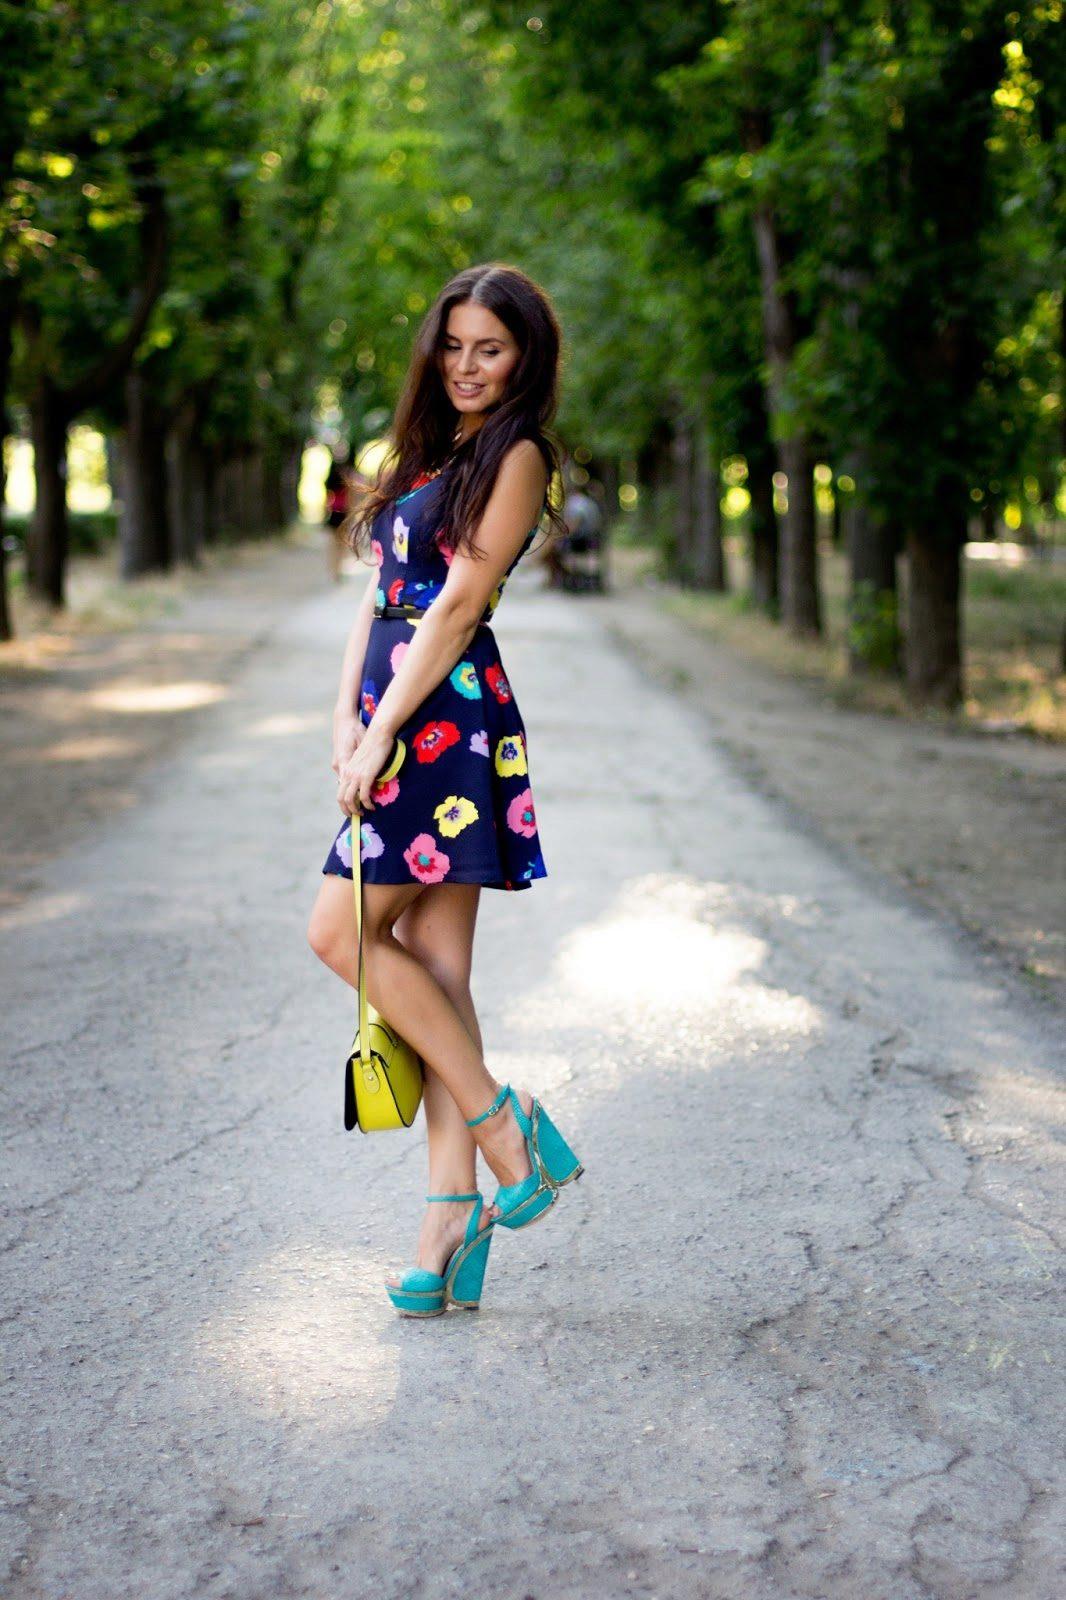 Красивая девушка в туфлях, девушки из омска для миньета